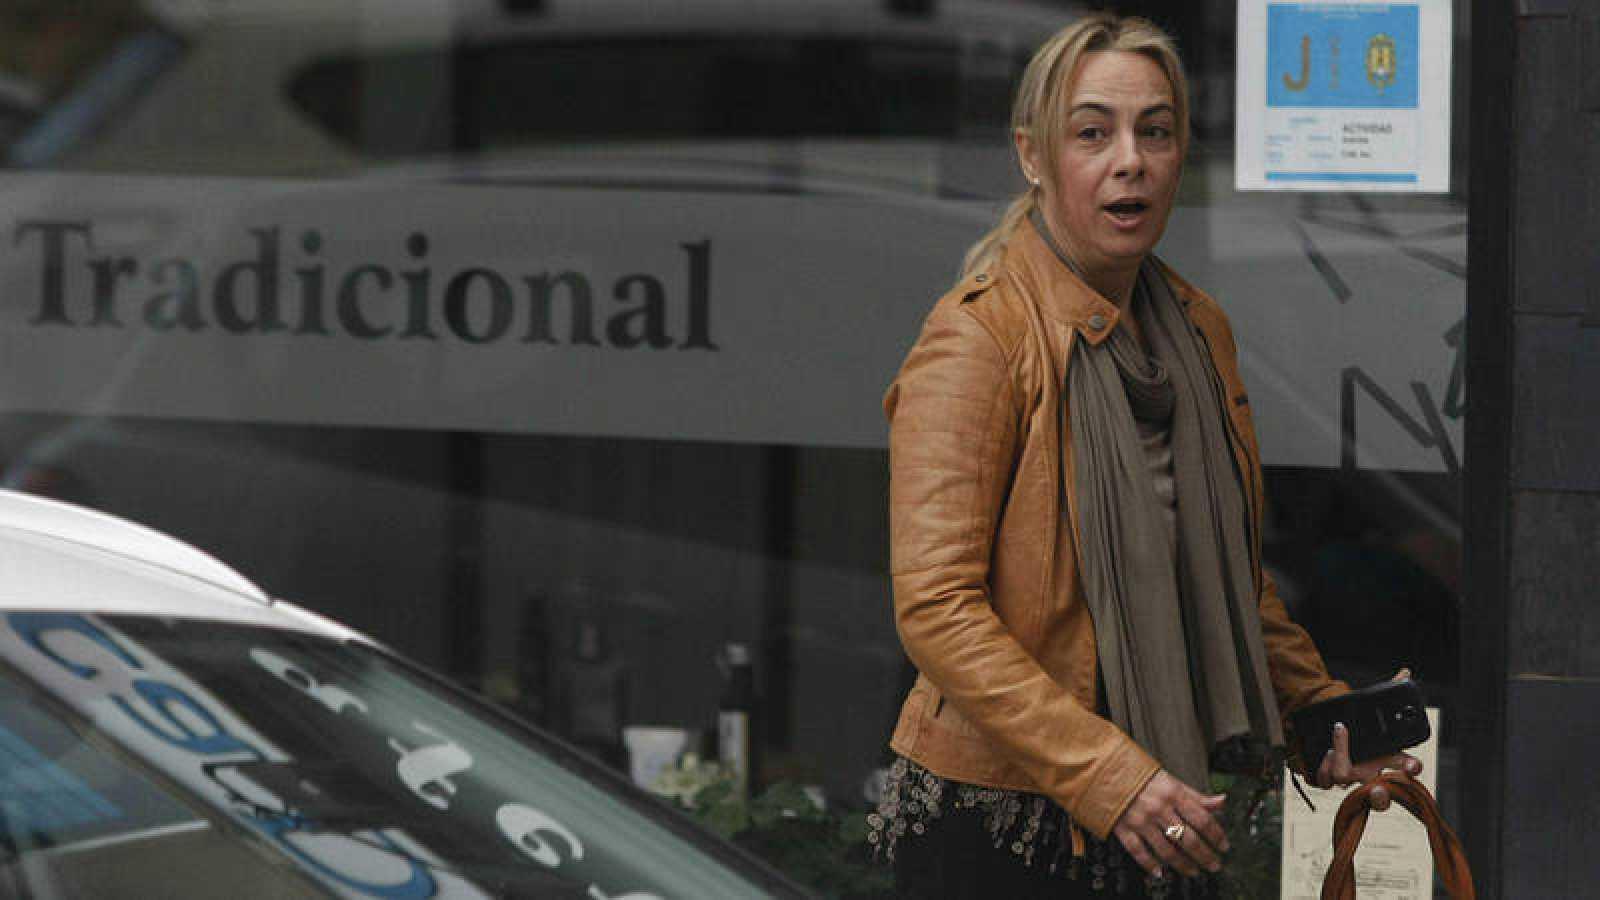 La exalcaldesa de Alicante, Sonia Castedo, en una imagen de 2015